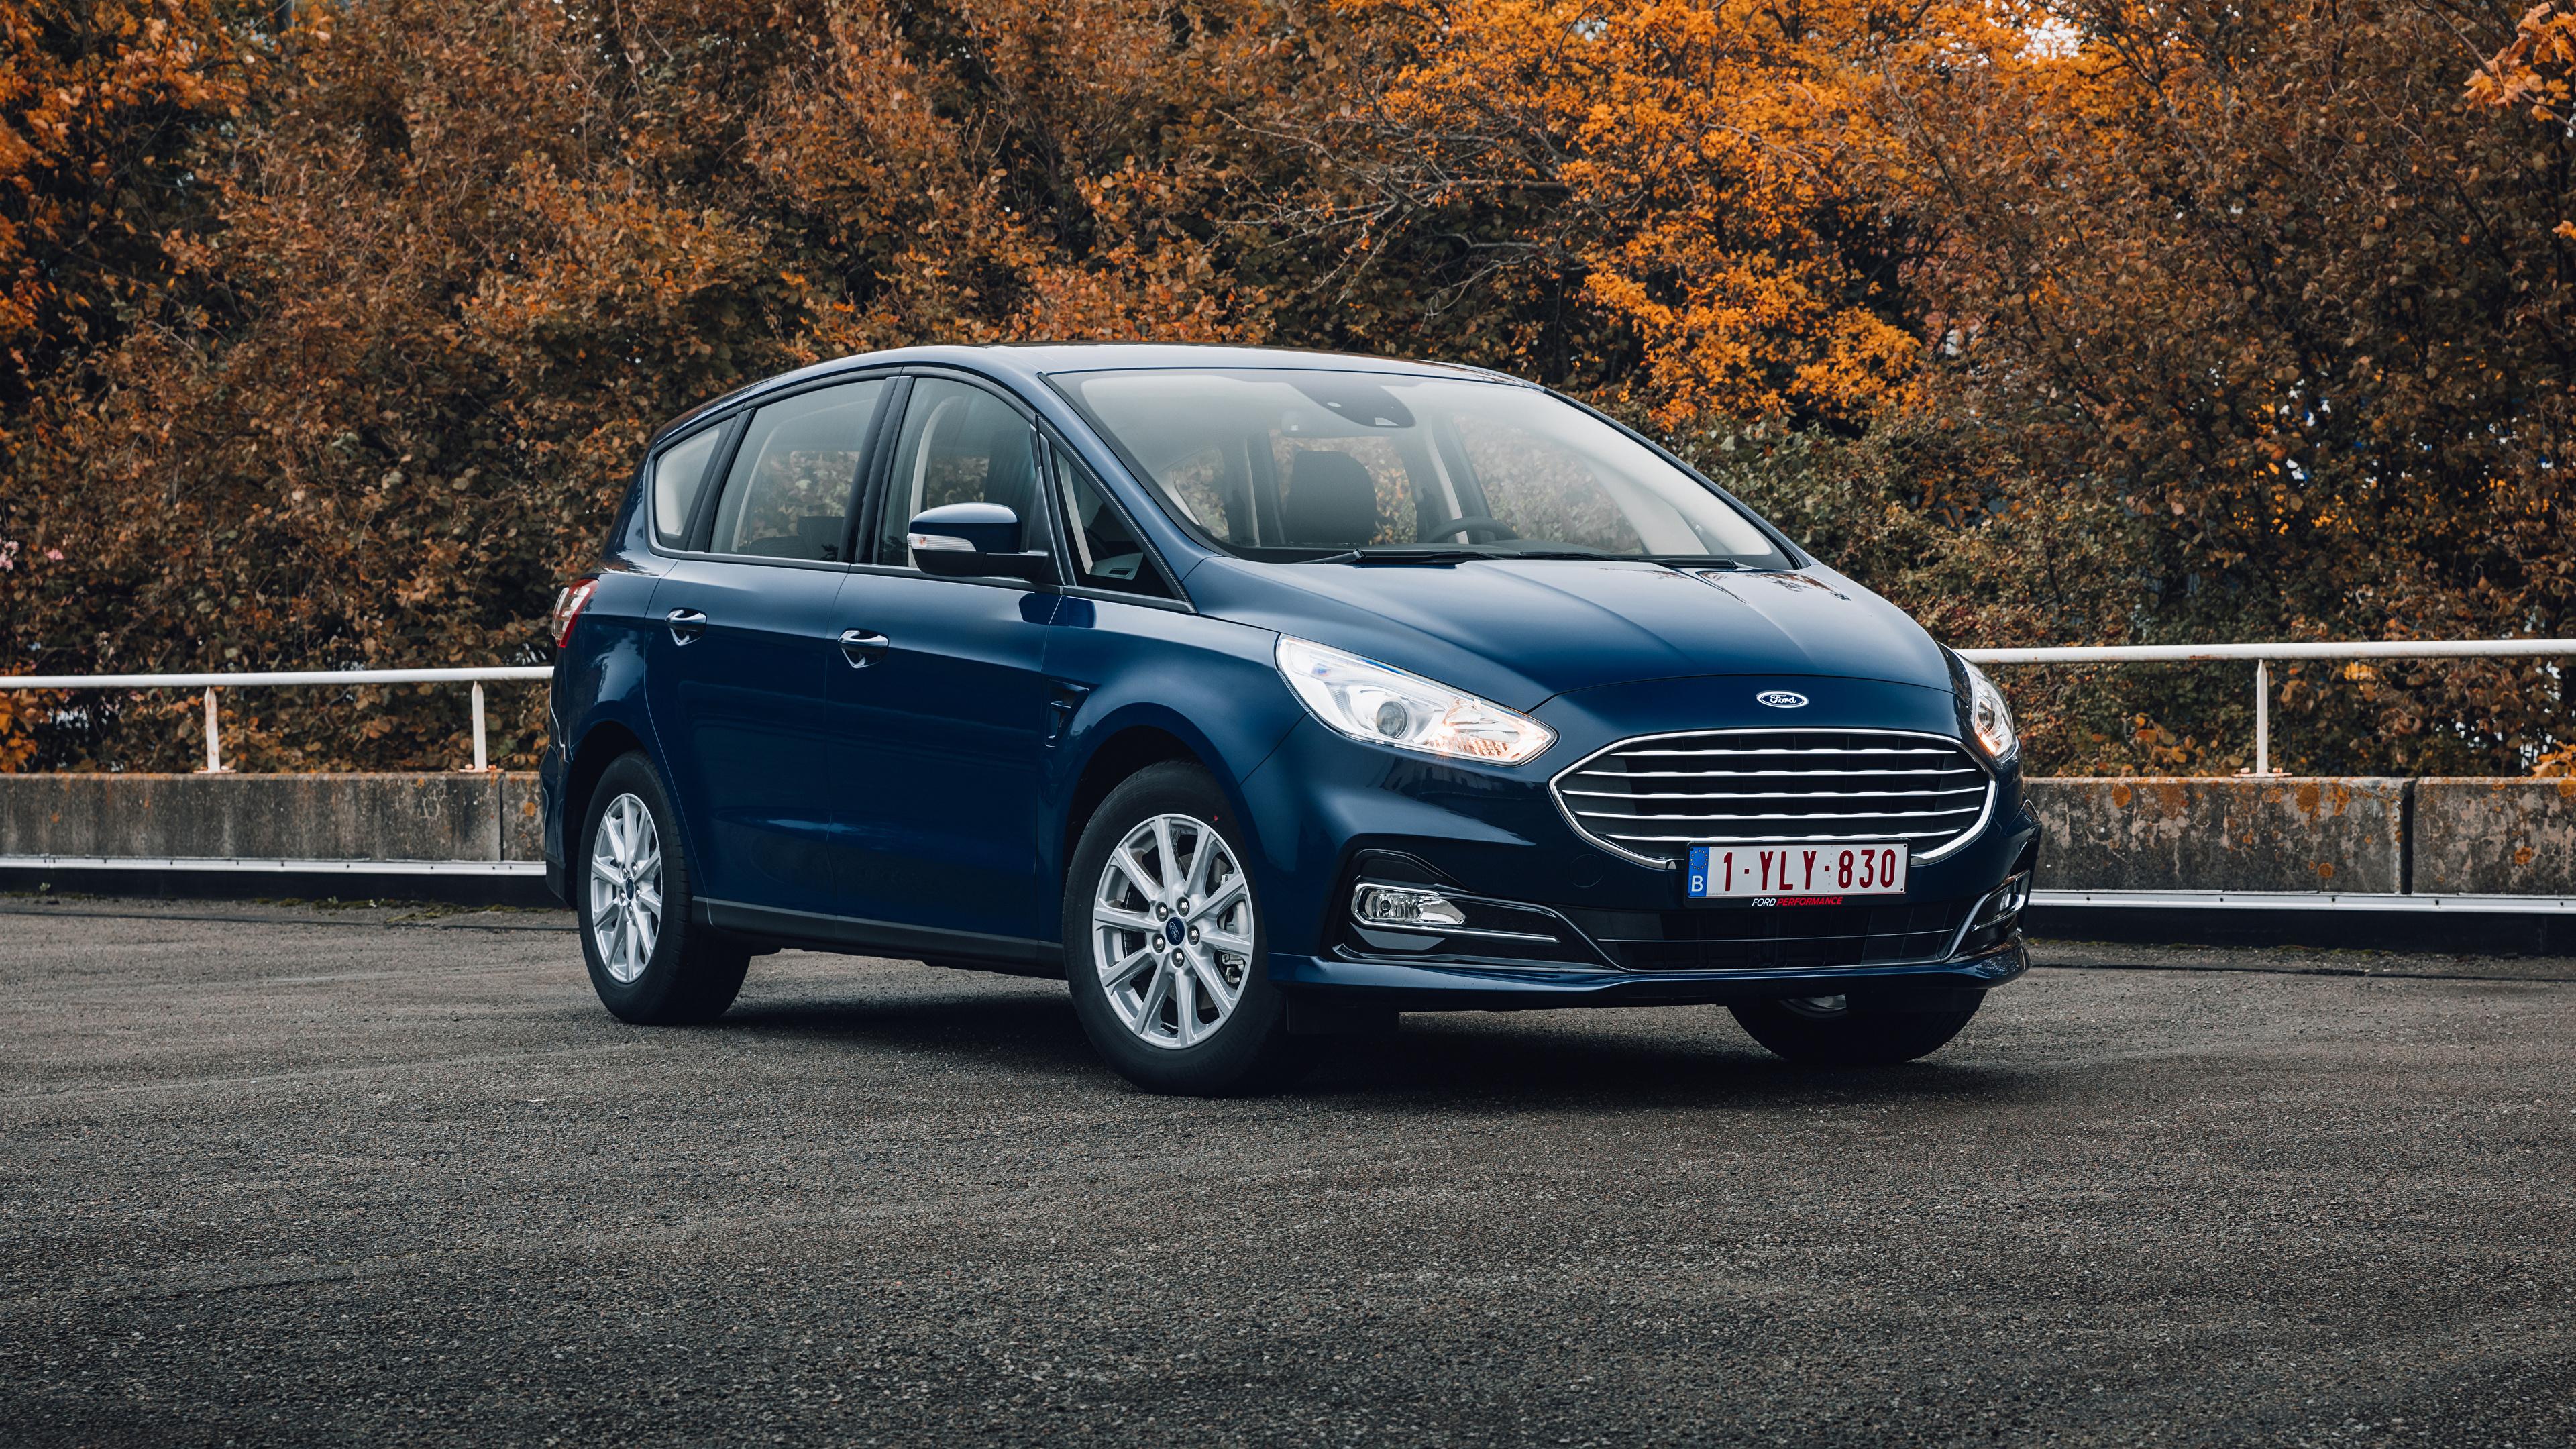 Обои для рабочего стола Ford Универсал S-MAX, 2019-- синие Металлик Автомобили 3840x2160 Форд синяя Синий синих авто машины машина автомобиль